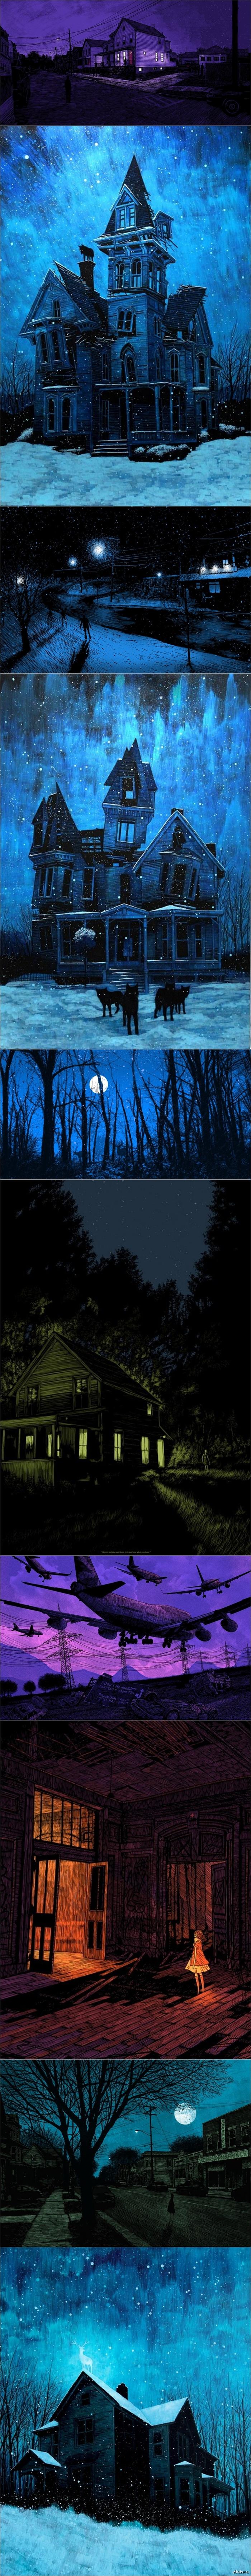 Ночное таинство от Daniel Danger. Для пикабу от BlueApple :)